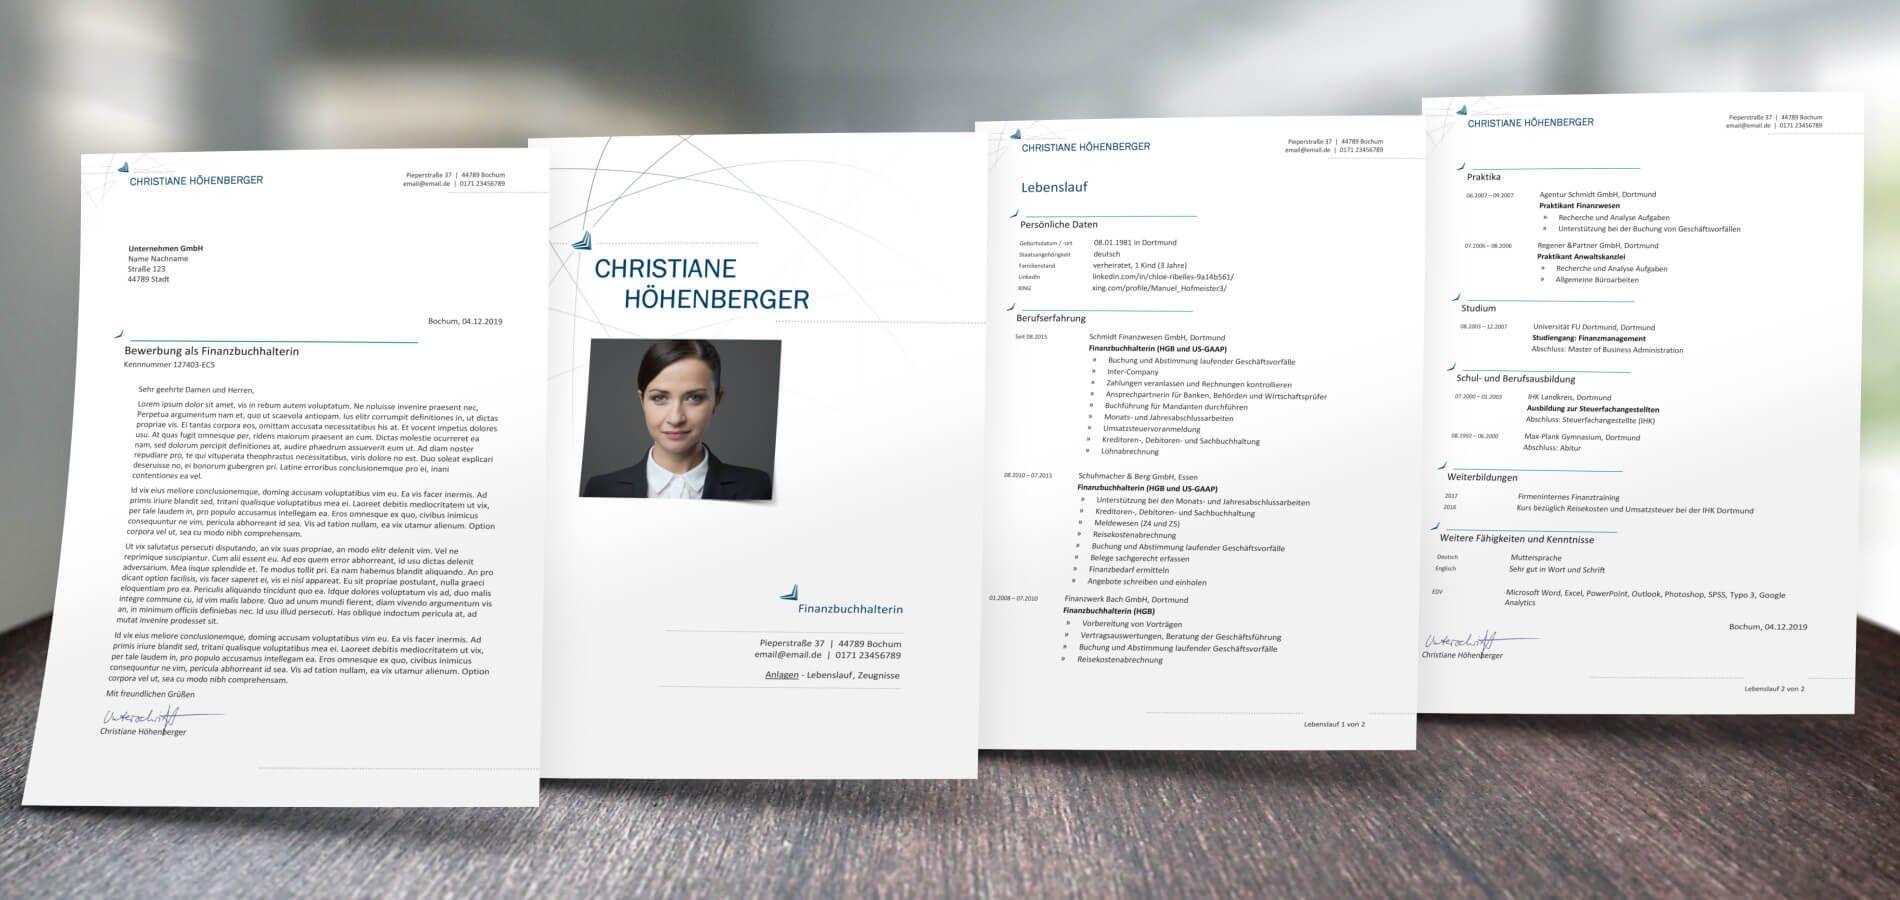 Aufbau Lebenslauf Und Bewerbung Design In 2020 Invitation Cards